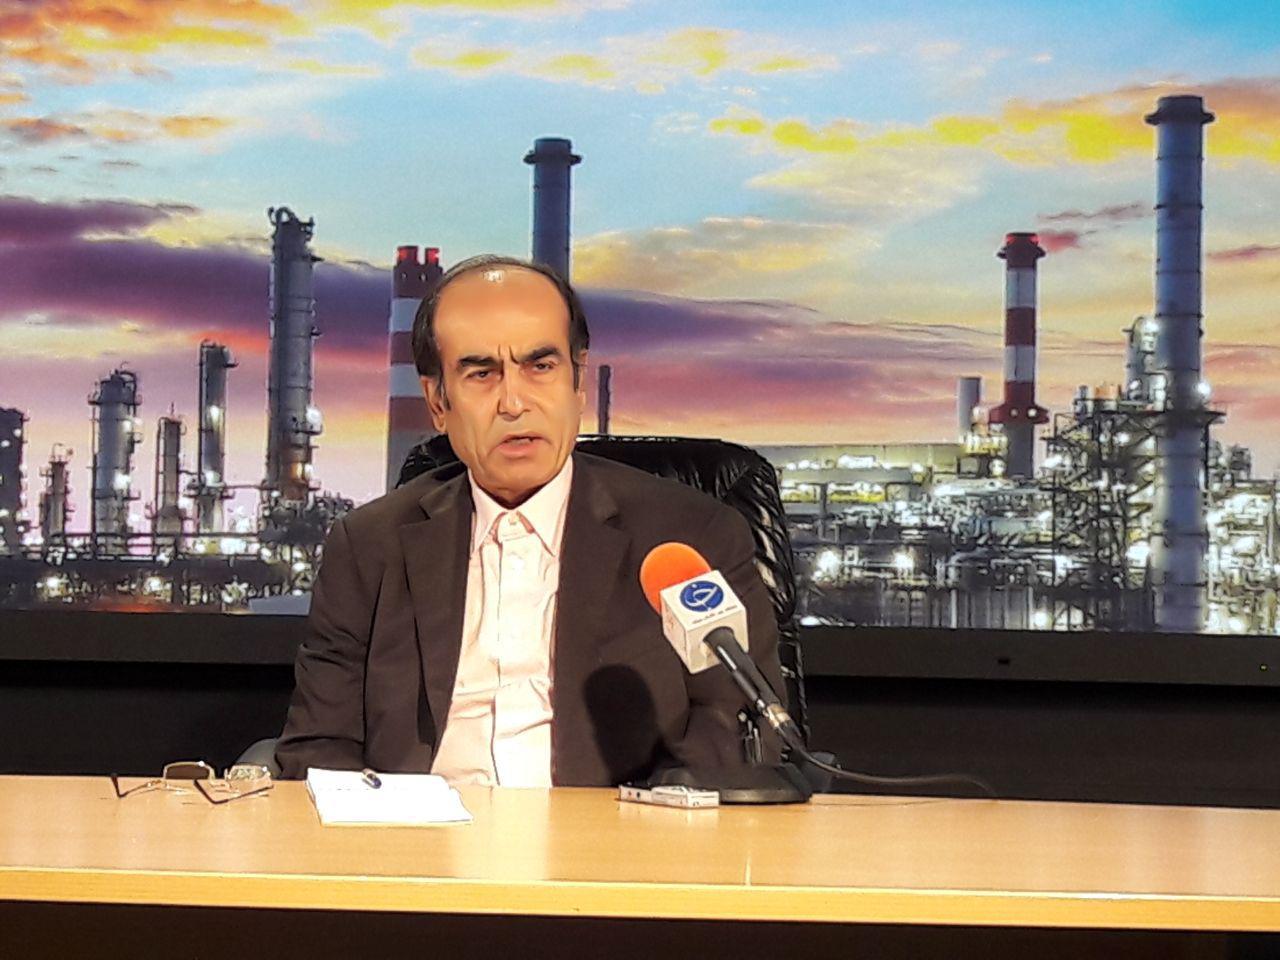 خارجیها نباید در تعیین قیمت گاز دخالت کنند/ صنعت نفت هنوز از مرحله مونتاژ کاری عبور نکرده است